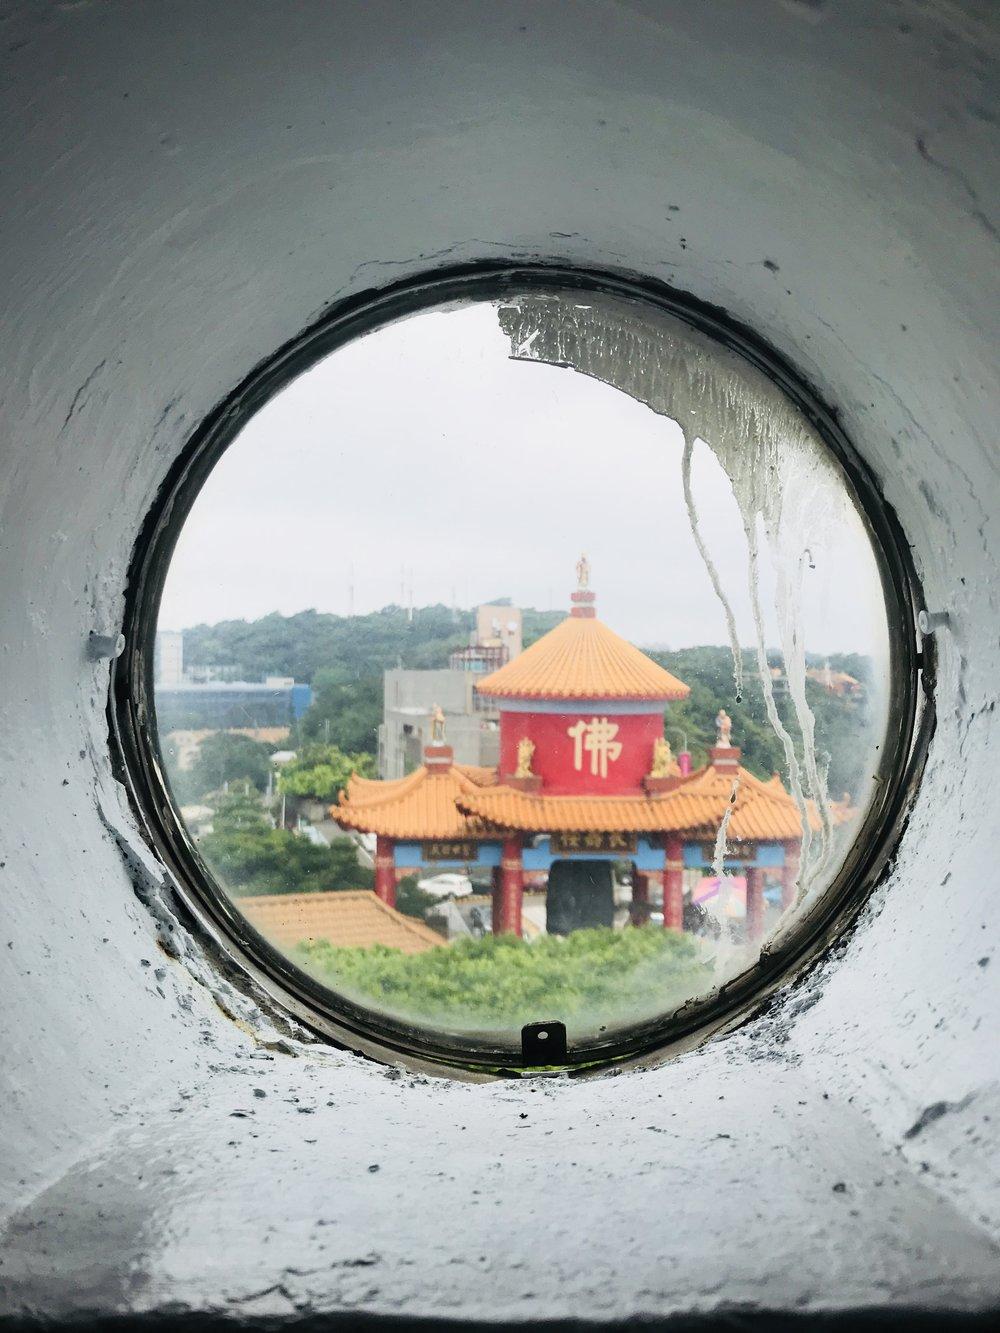 Jiufen, Taipei, Taiwan 🇹🇼